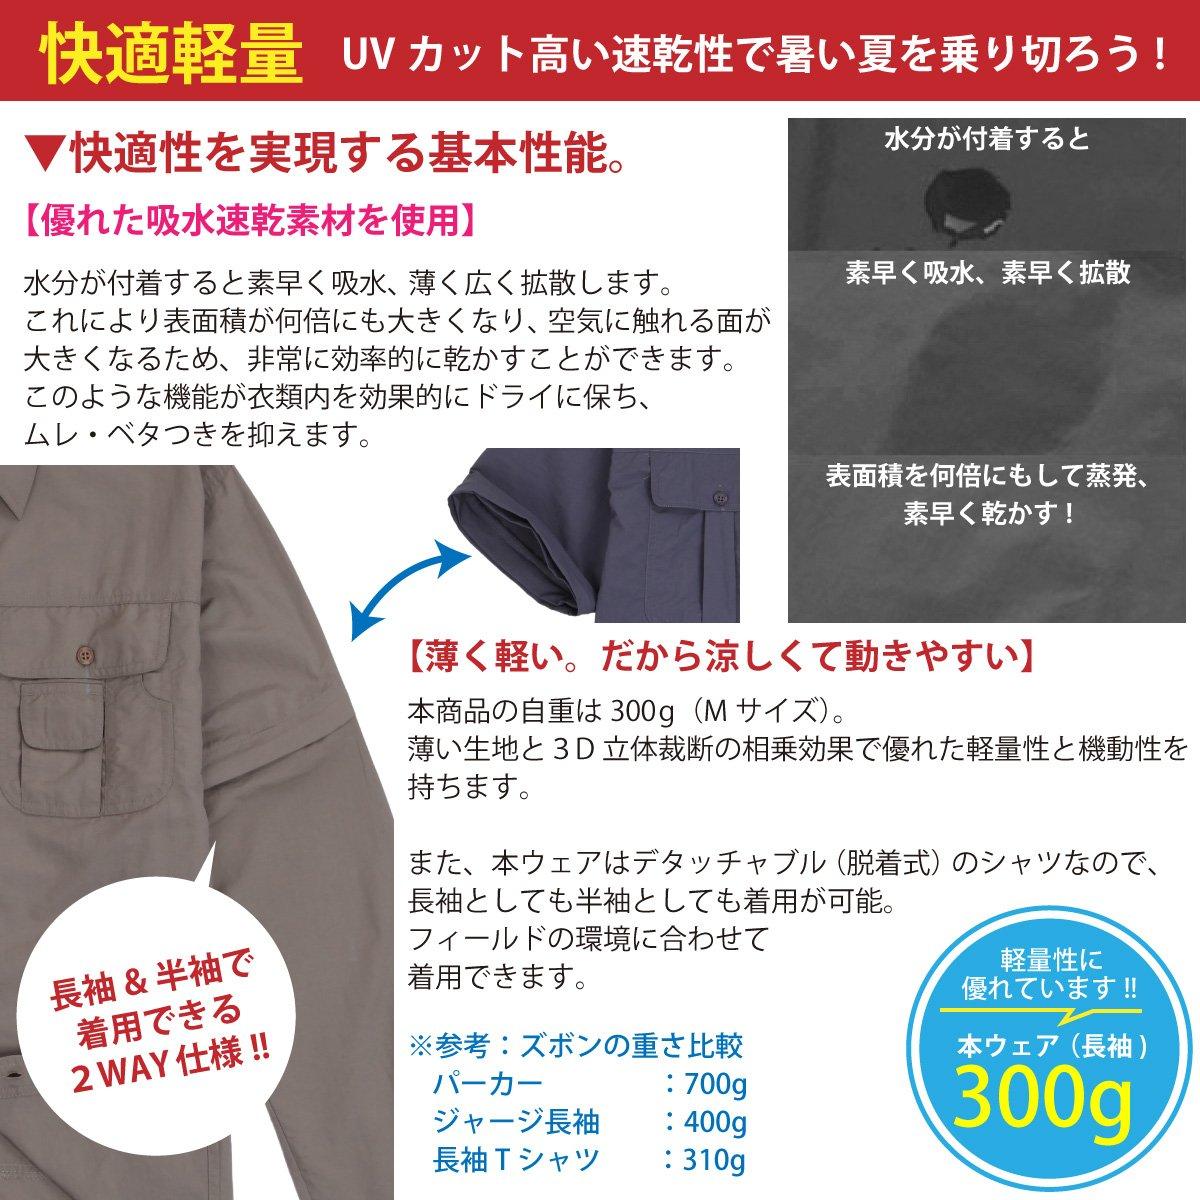 42734ed872cc7b Amazon.co.jp: ウミネコ スゴ乾2WAY ドライ フィッシング リバーシャツ メンズ 速乾シャツ 半袖 長袖 ウェーダー インナー  UVカット: スポーツ&アウトドア